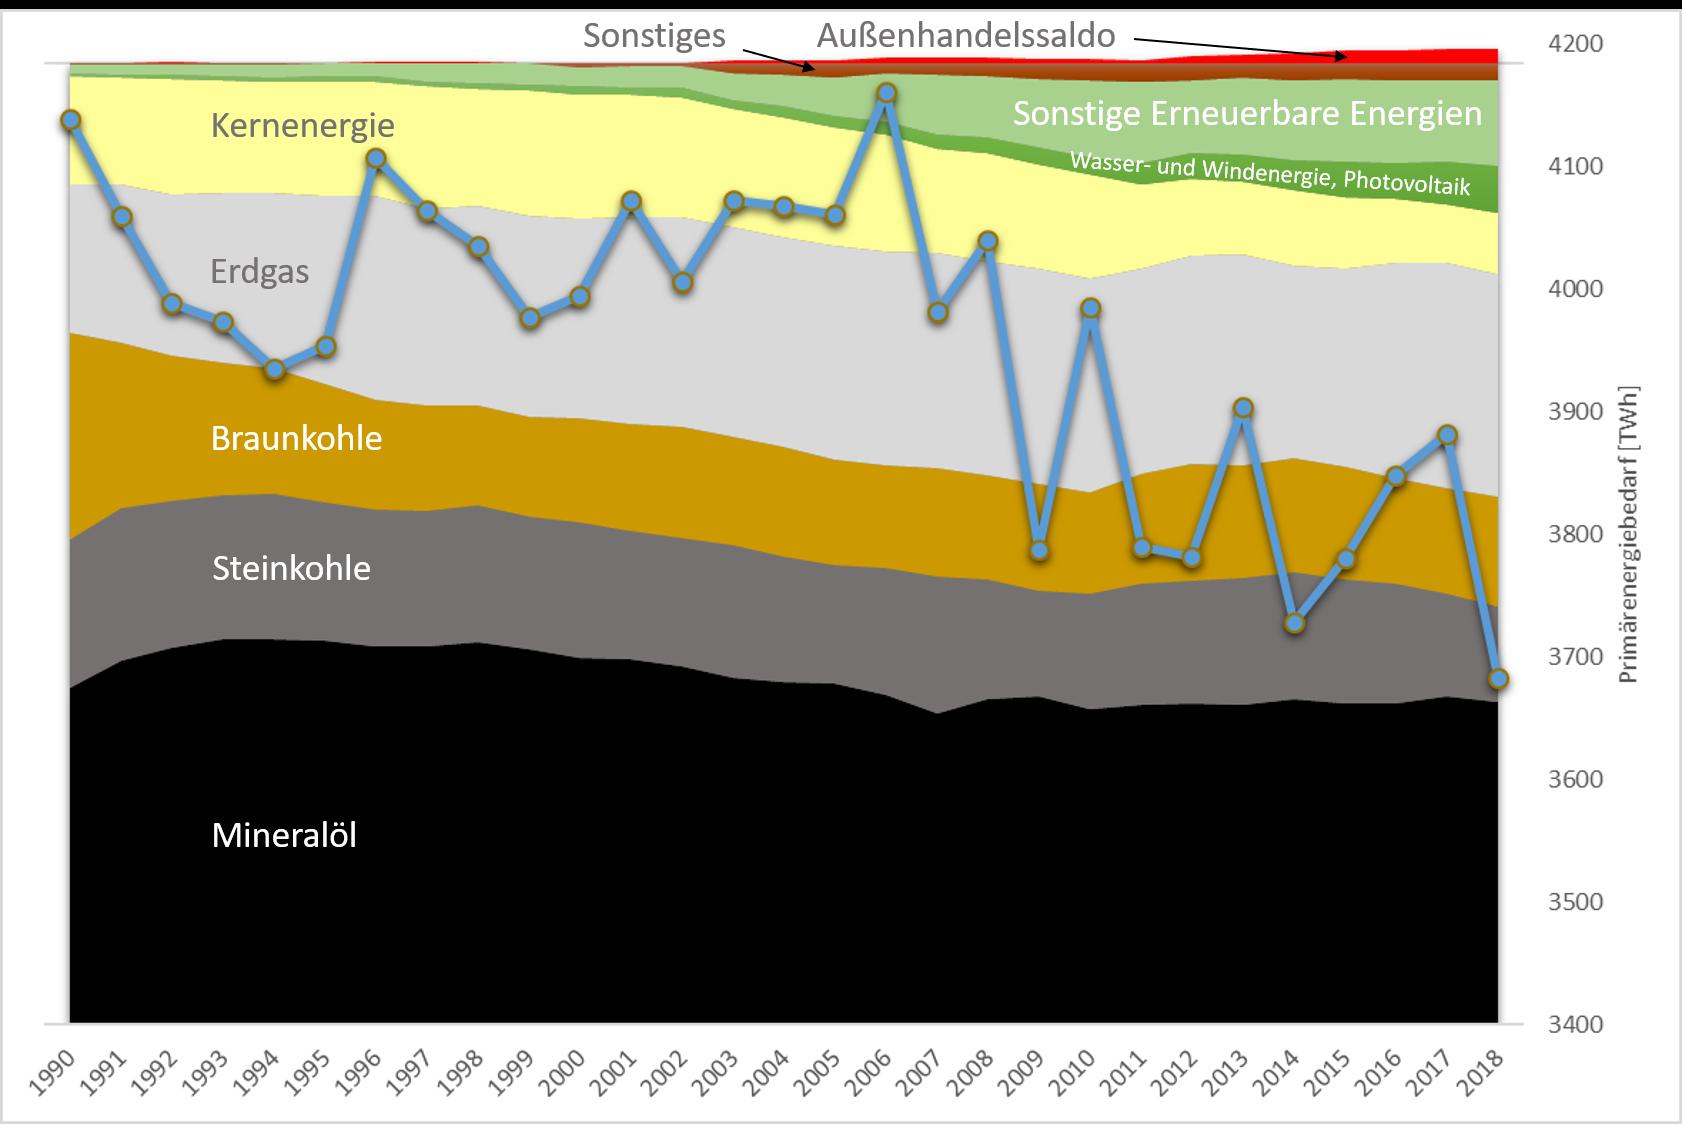 Die Grafik zeigt die Entwicklung und Verteilung des Primärenergiebedarfs in Deutschland seit 1990